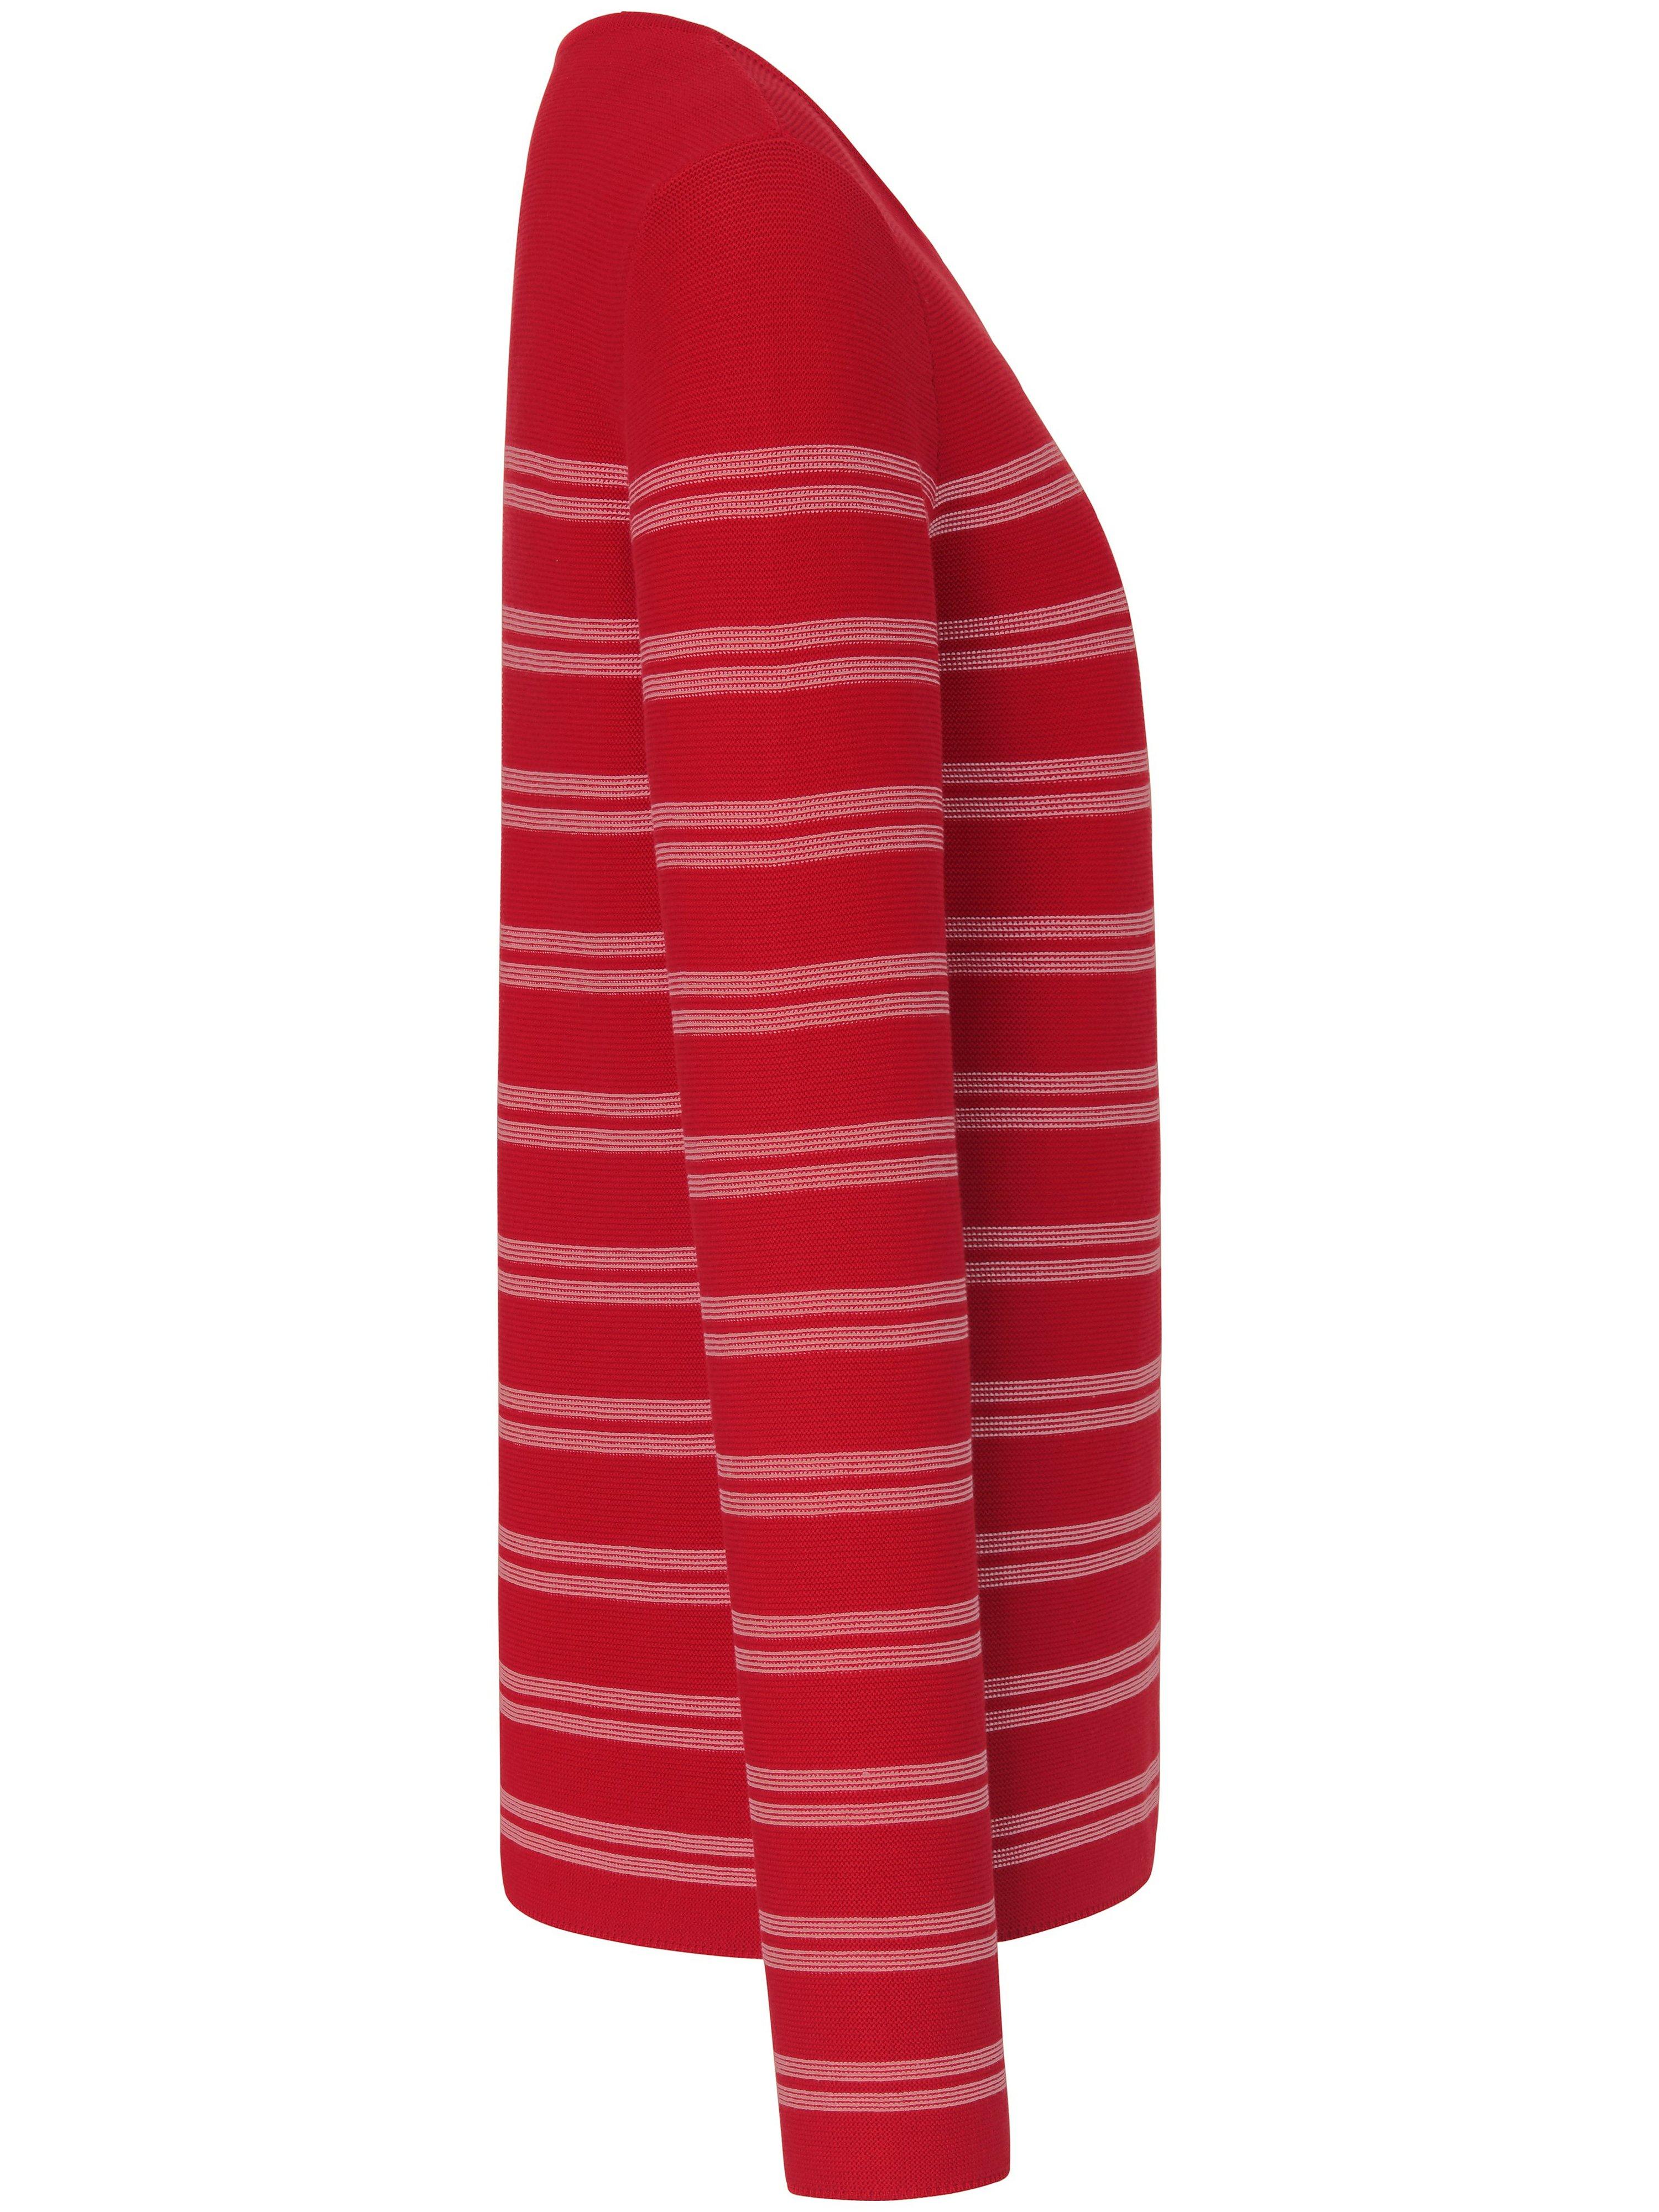 Strikbluse stribevarianter i 100 bomuld Fra Peter Hahn rød